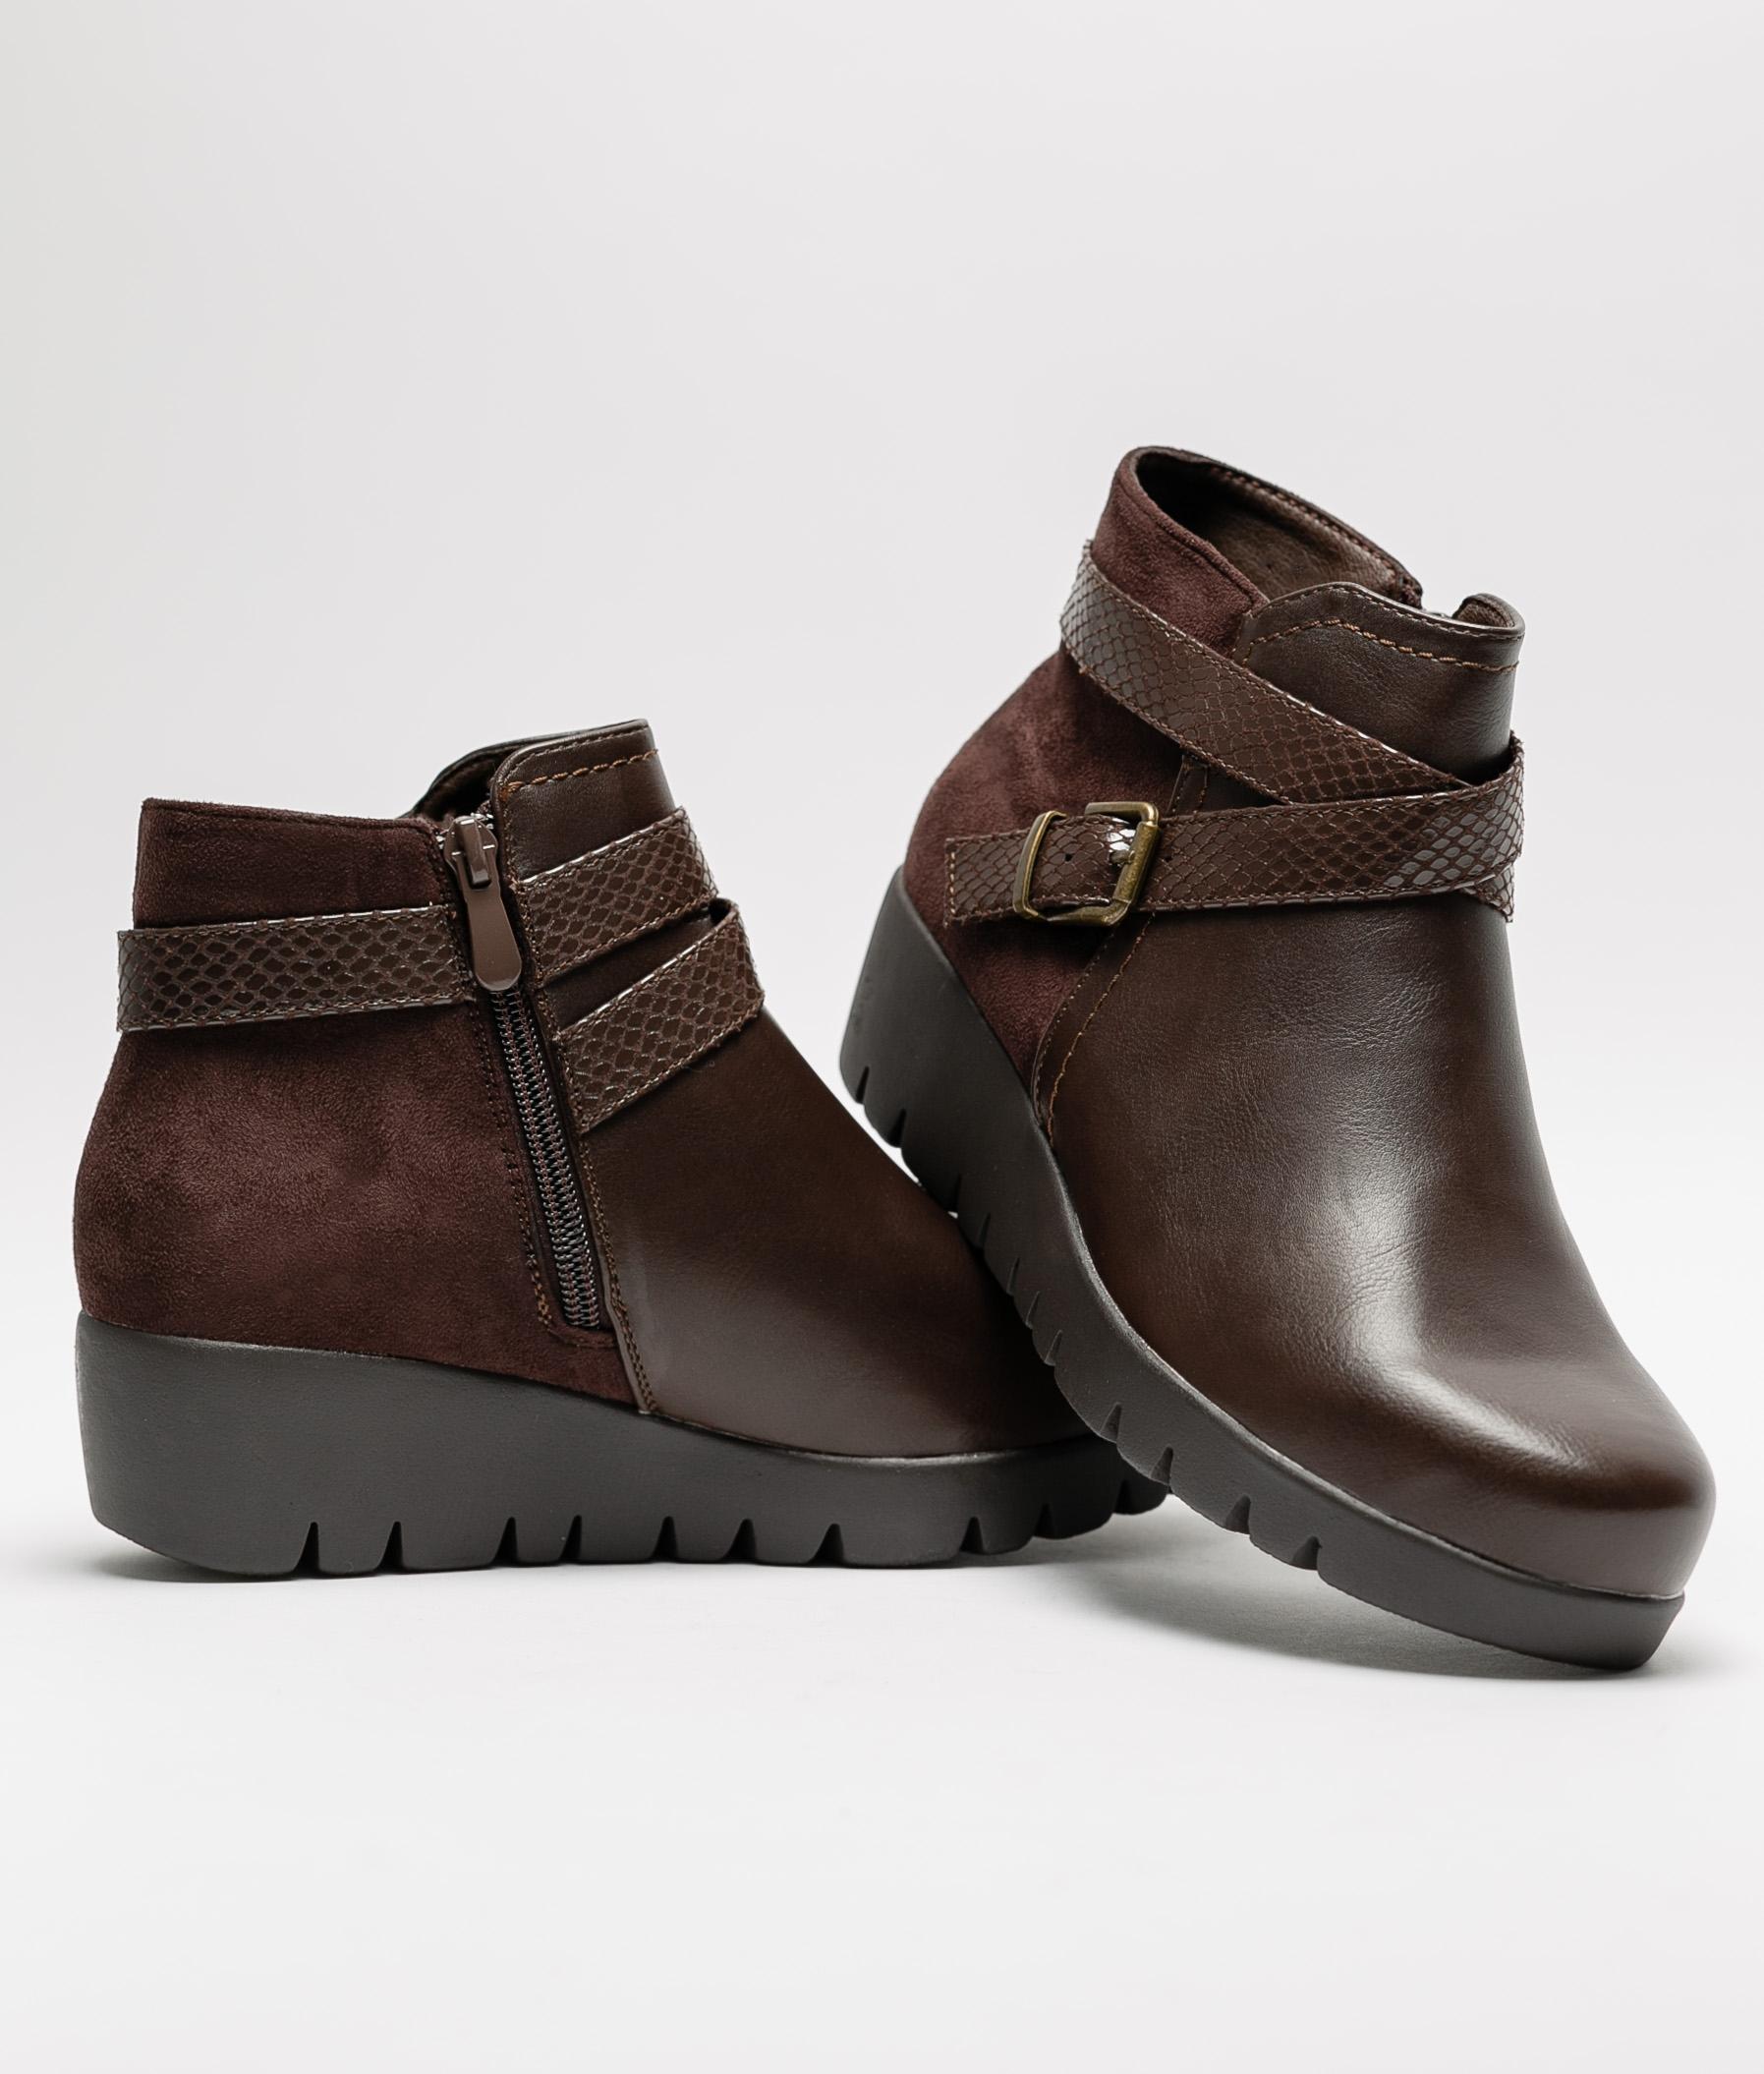 Klia Low Boot - Brown